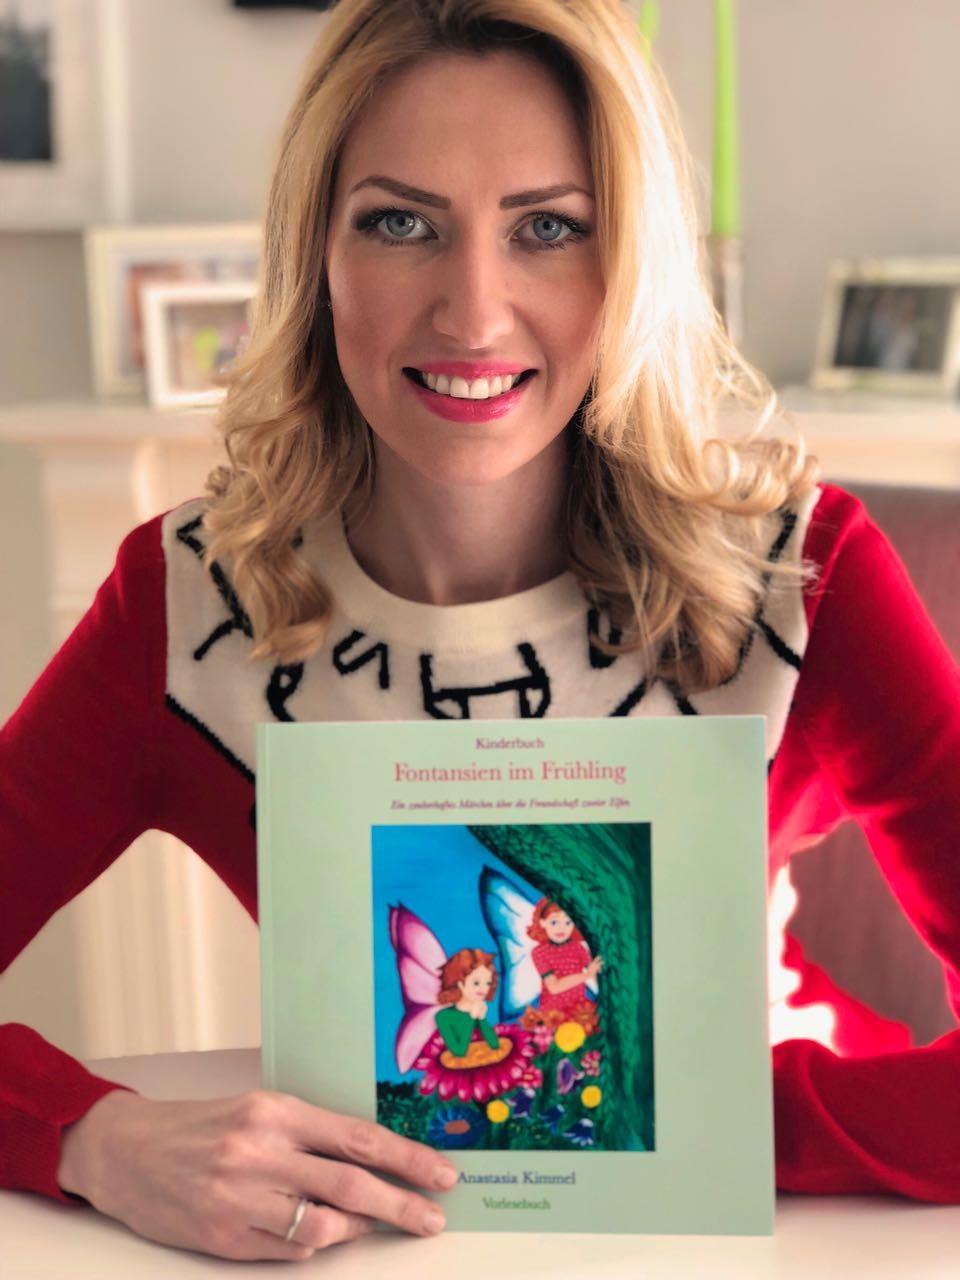 Ostern im ALEXA Berlin mit Lesung von Anastasia Kimmel